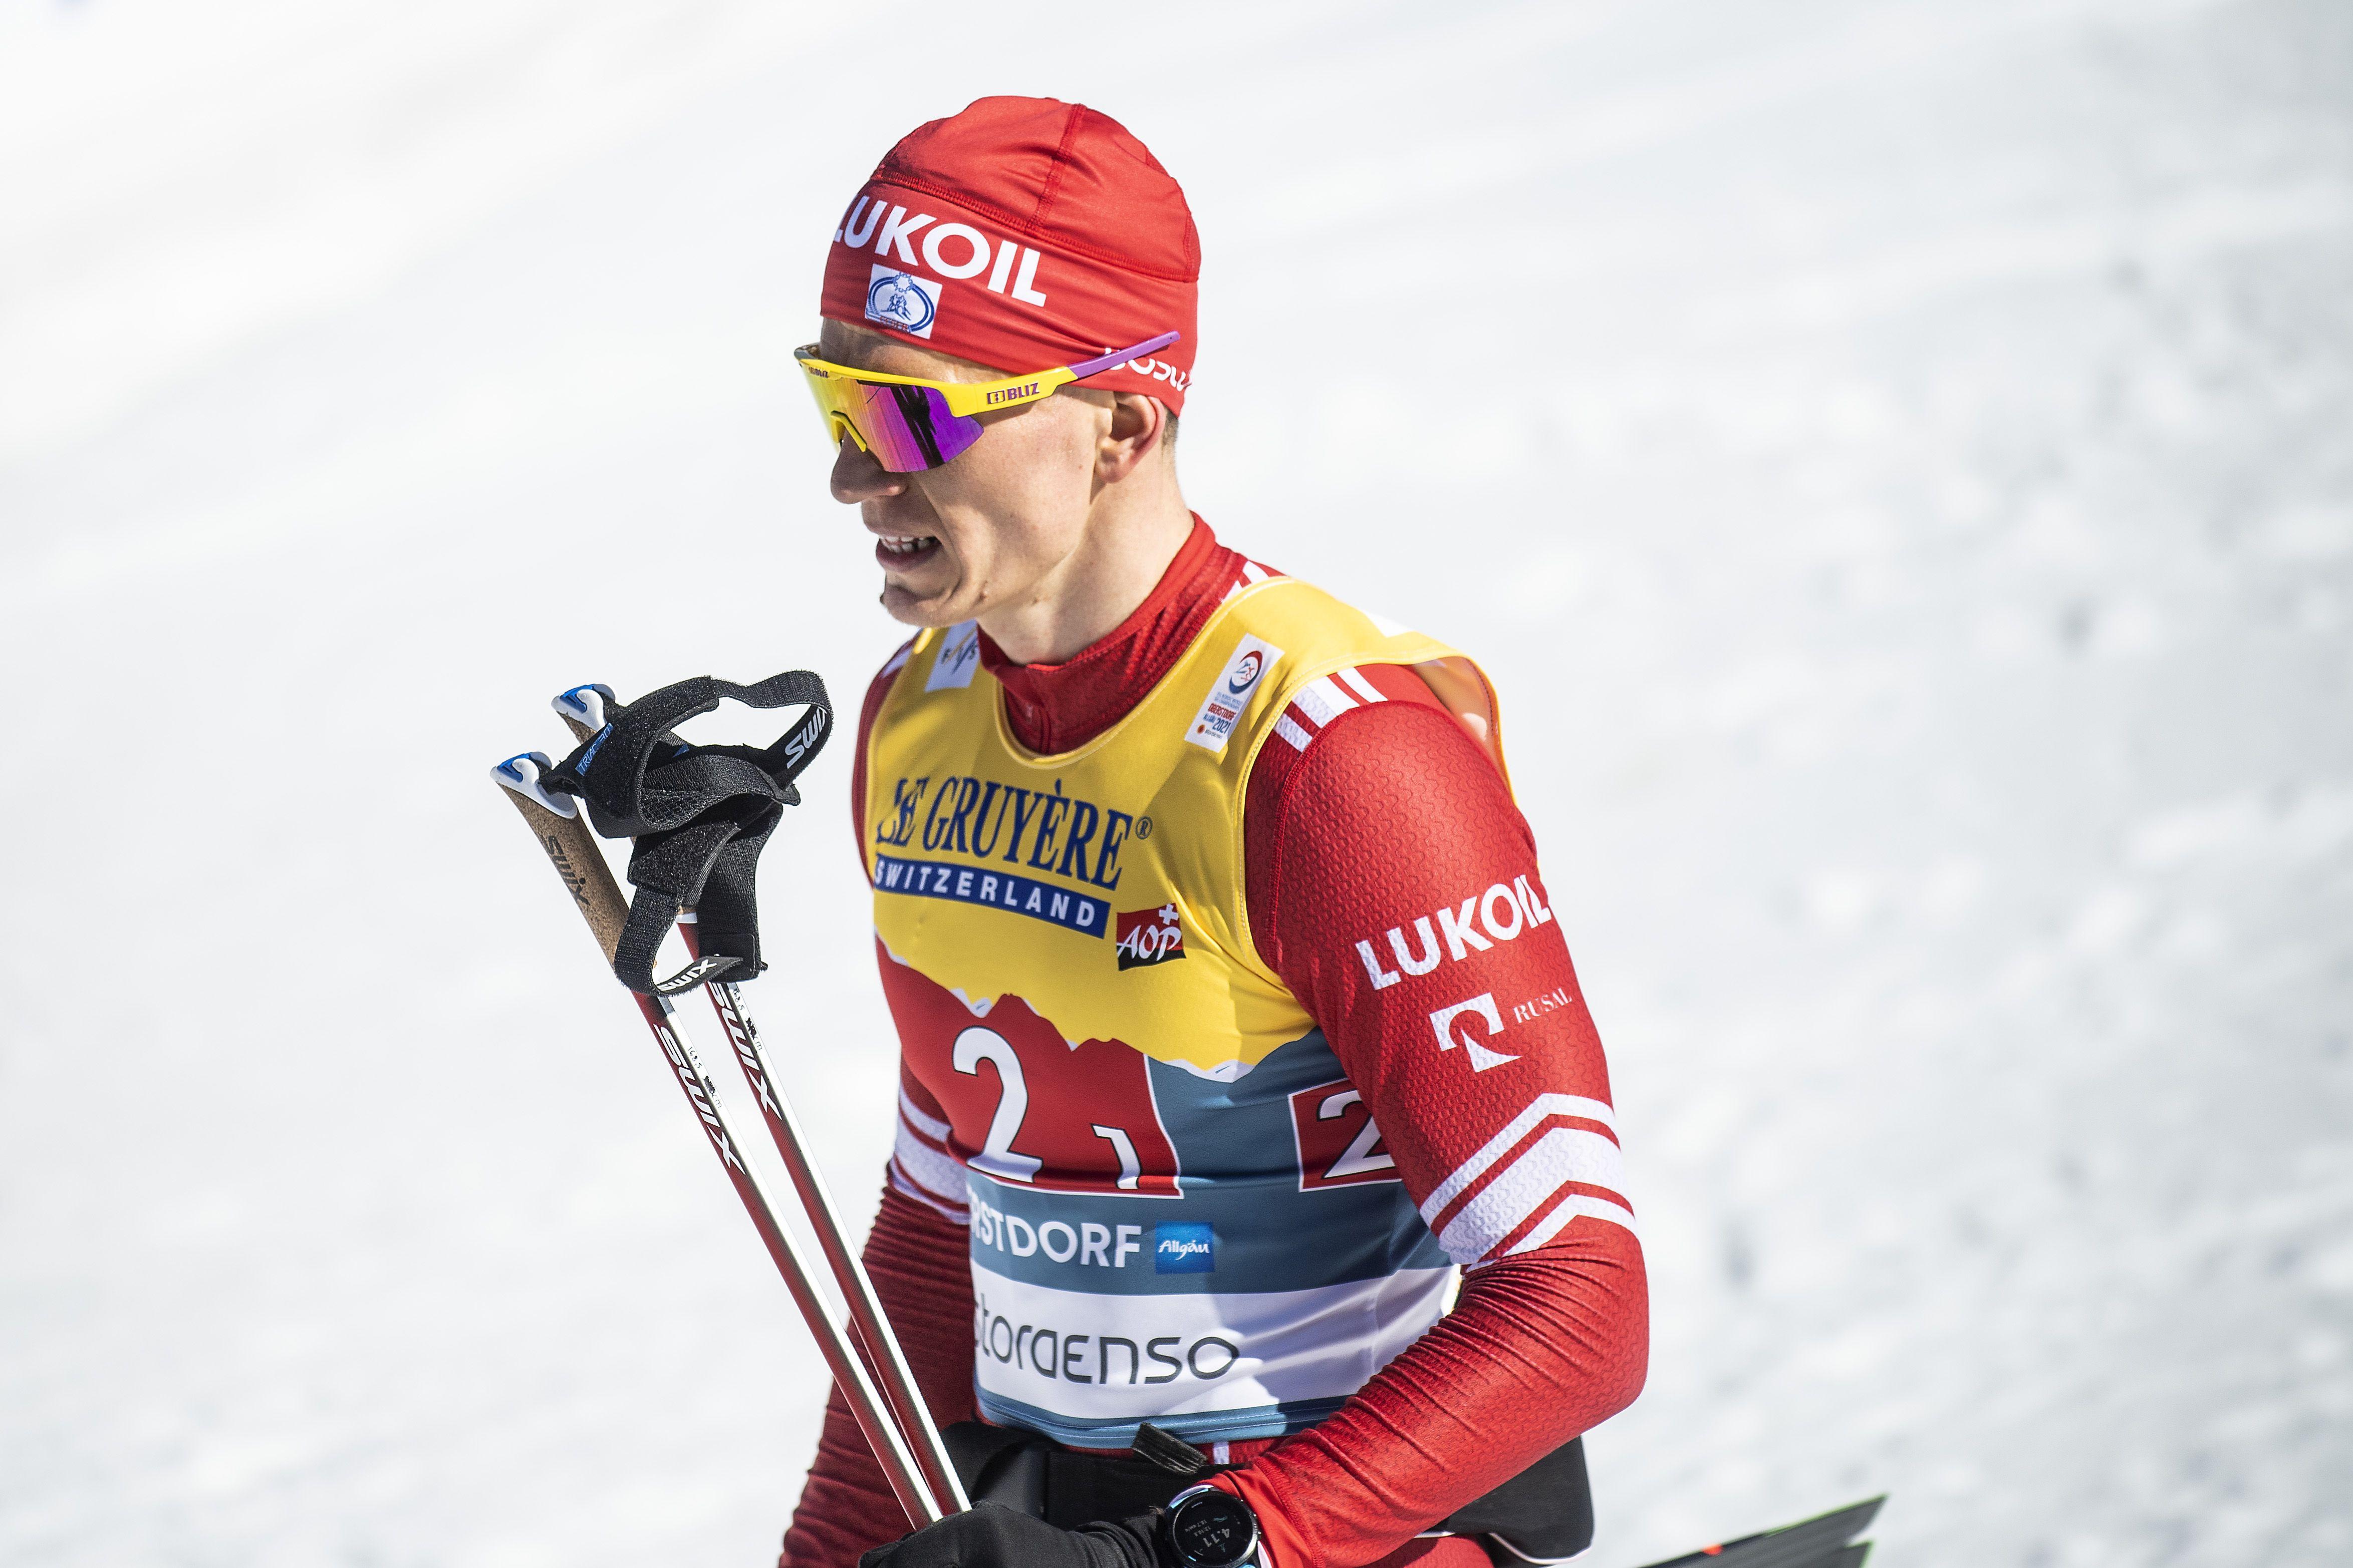 Команда Большунова одержала победу в командном спринте на ЧР по лыжным гонкам